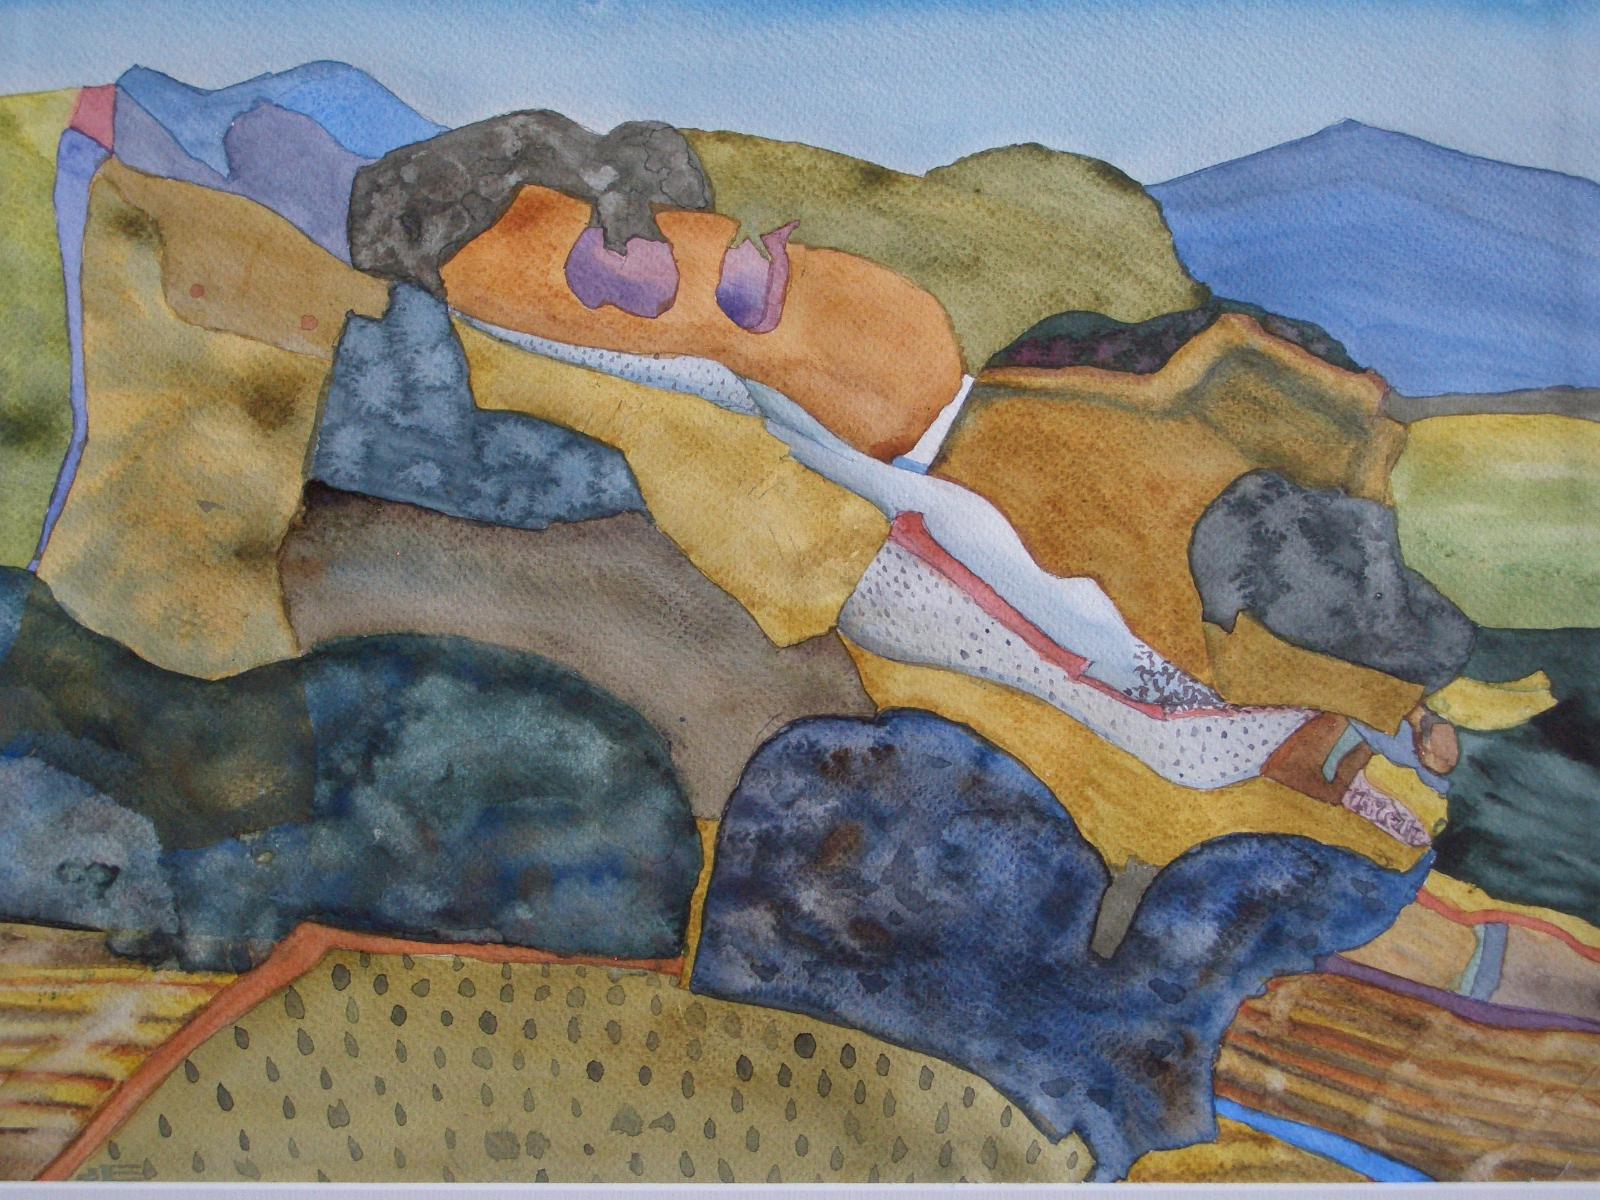 Nichtirdische Landschaft, 2009 Aquarell, 24 x 34 cm